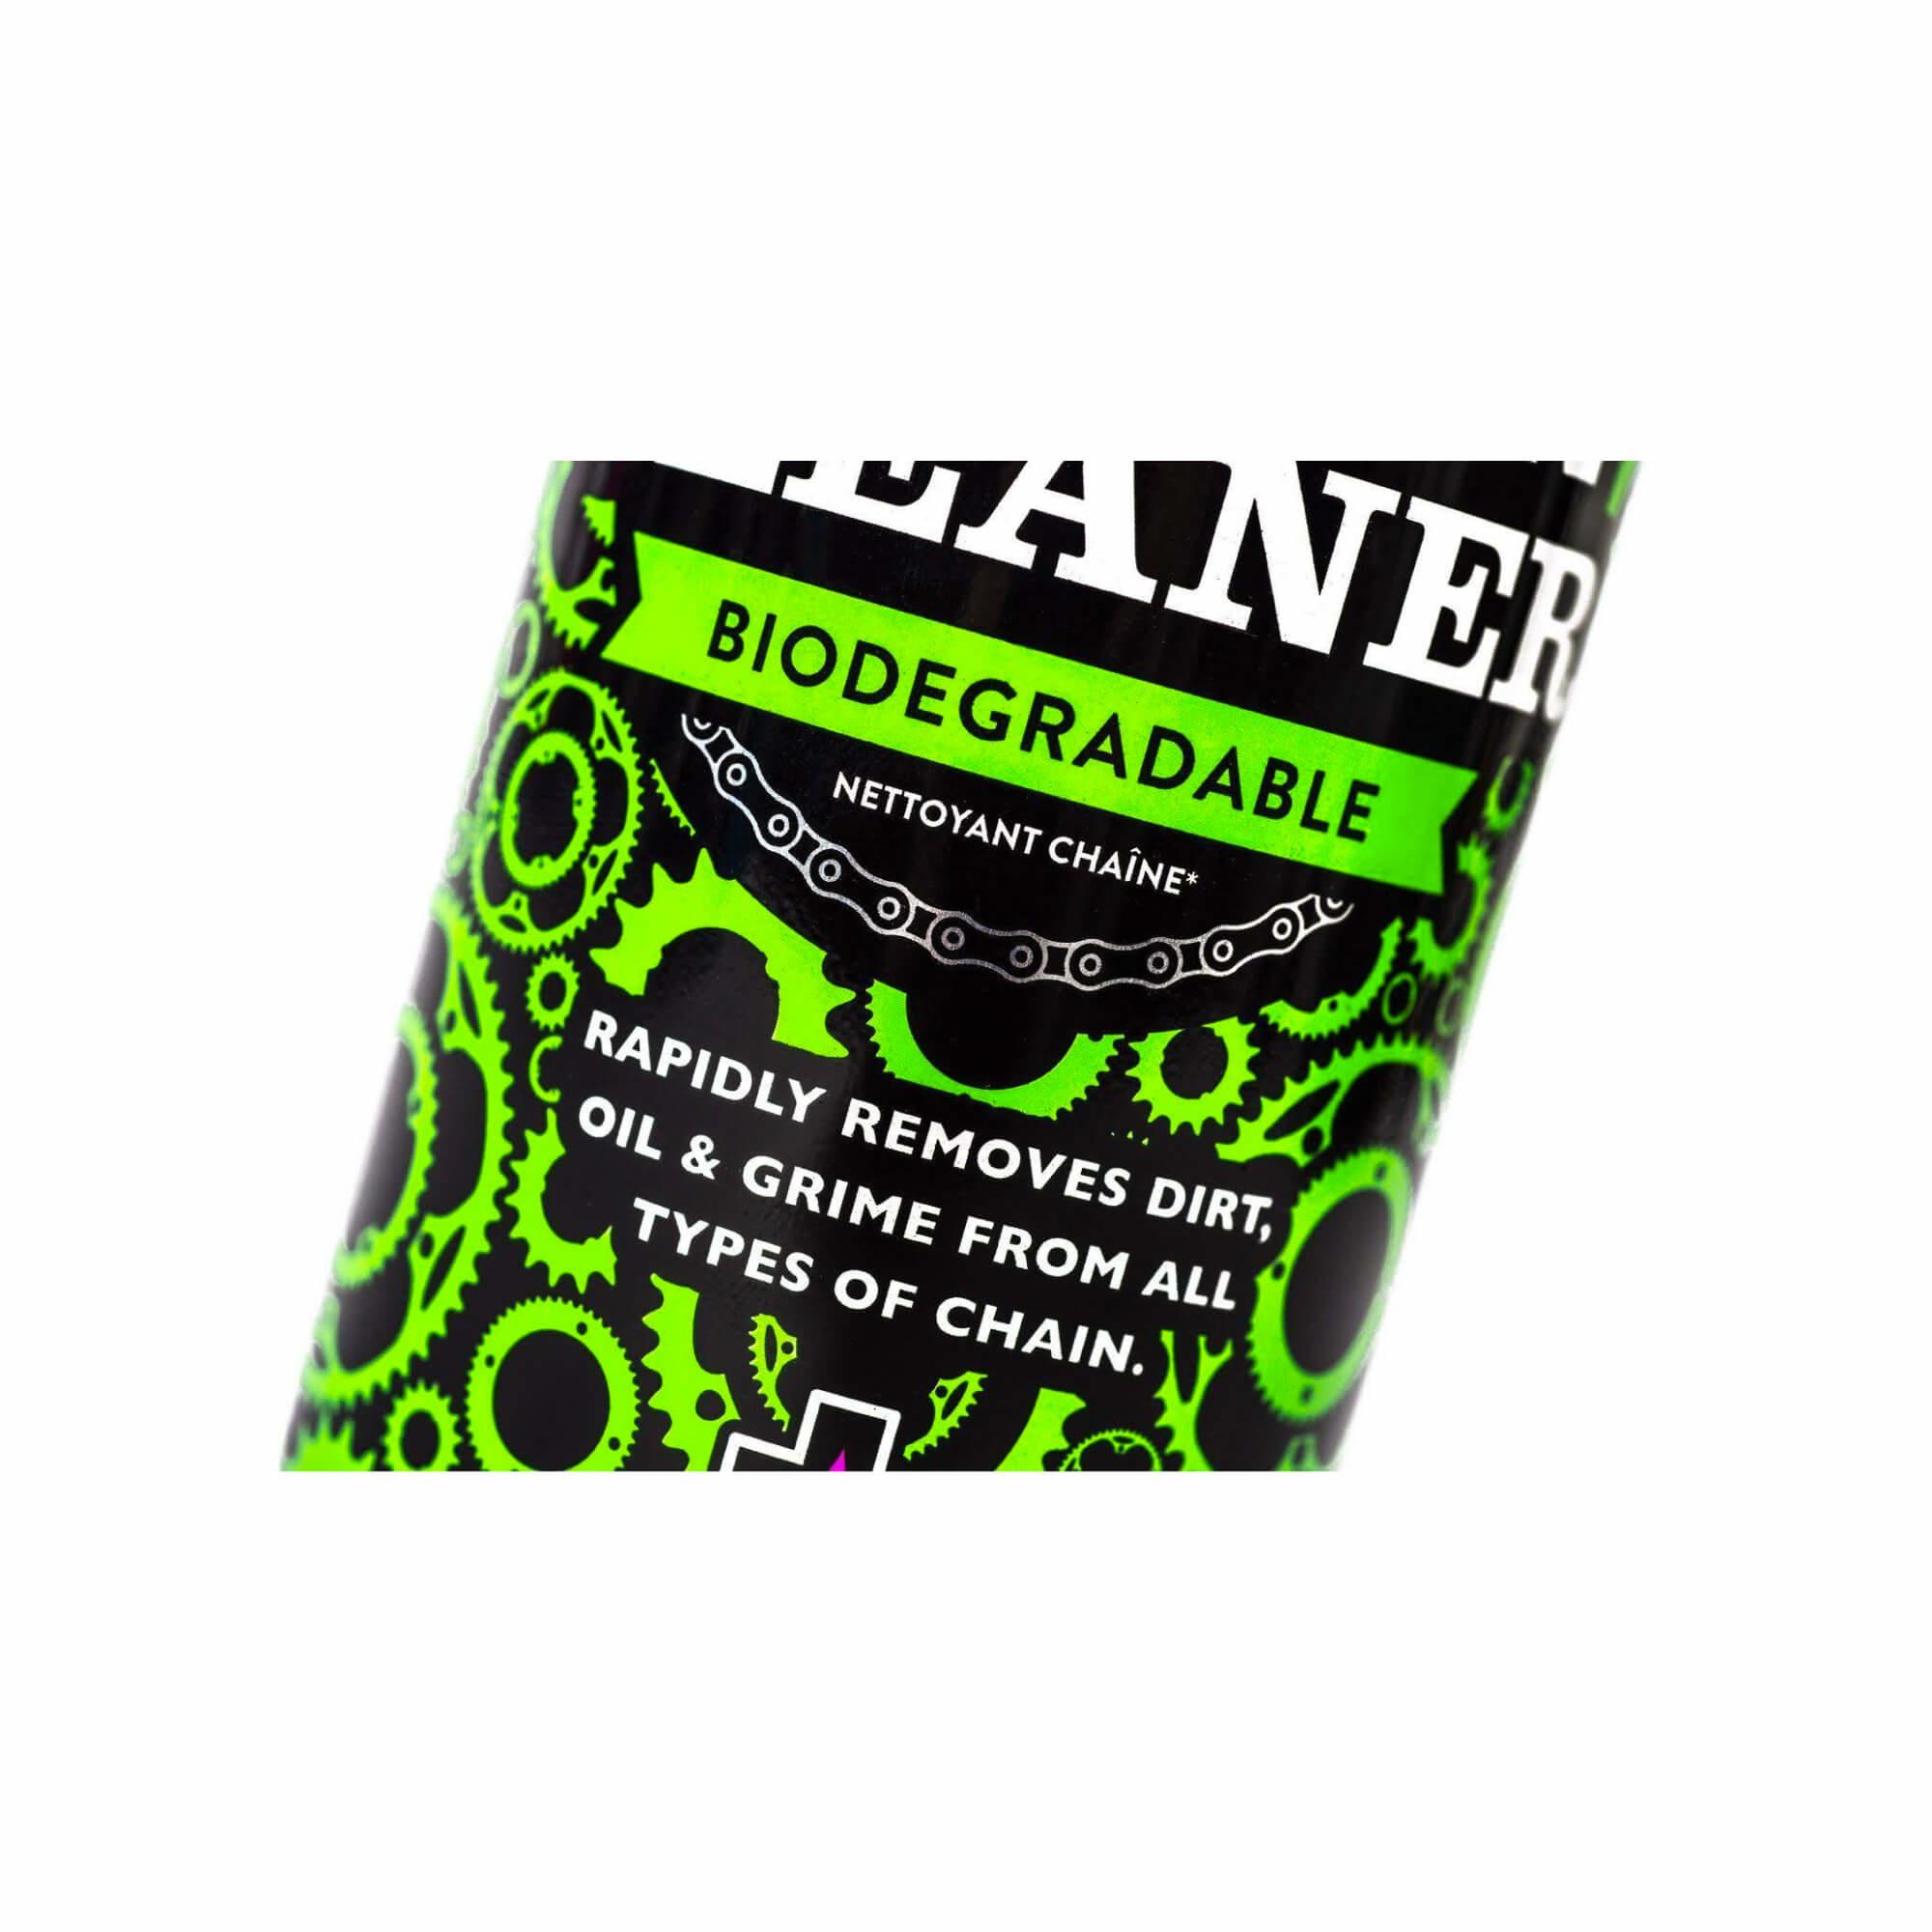 BioChainCleanerAero400ml-3